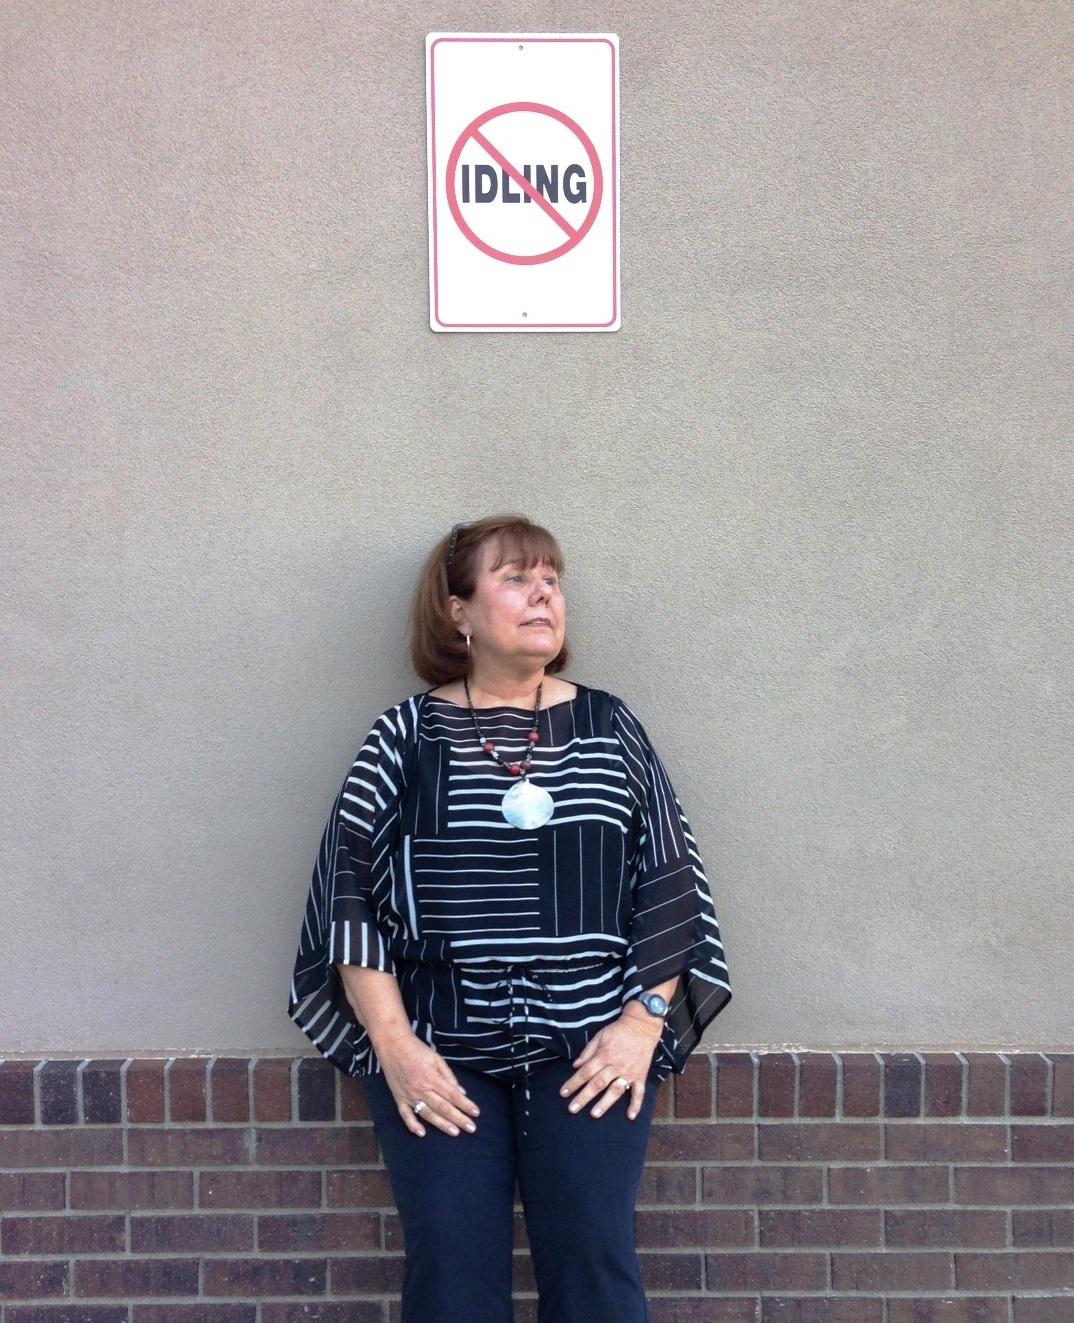 Judy-idling-NST13.jpg